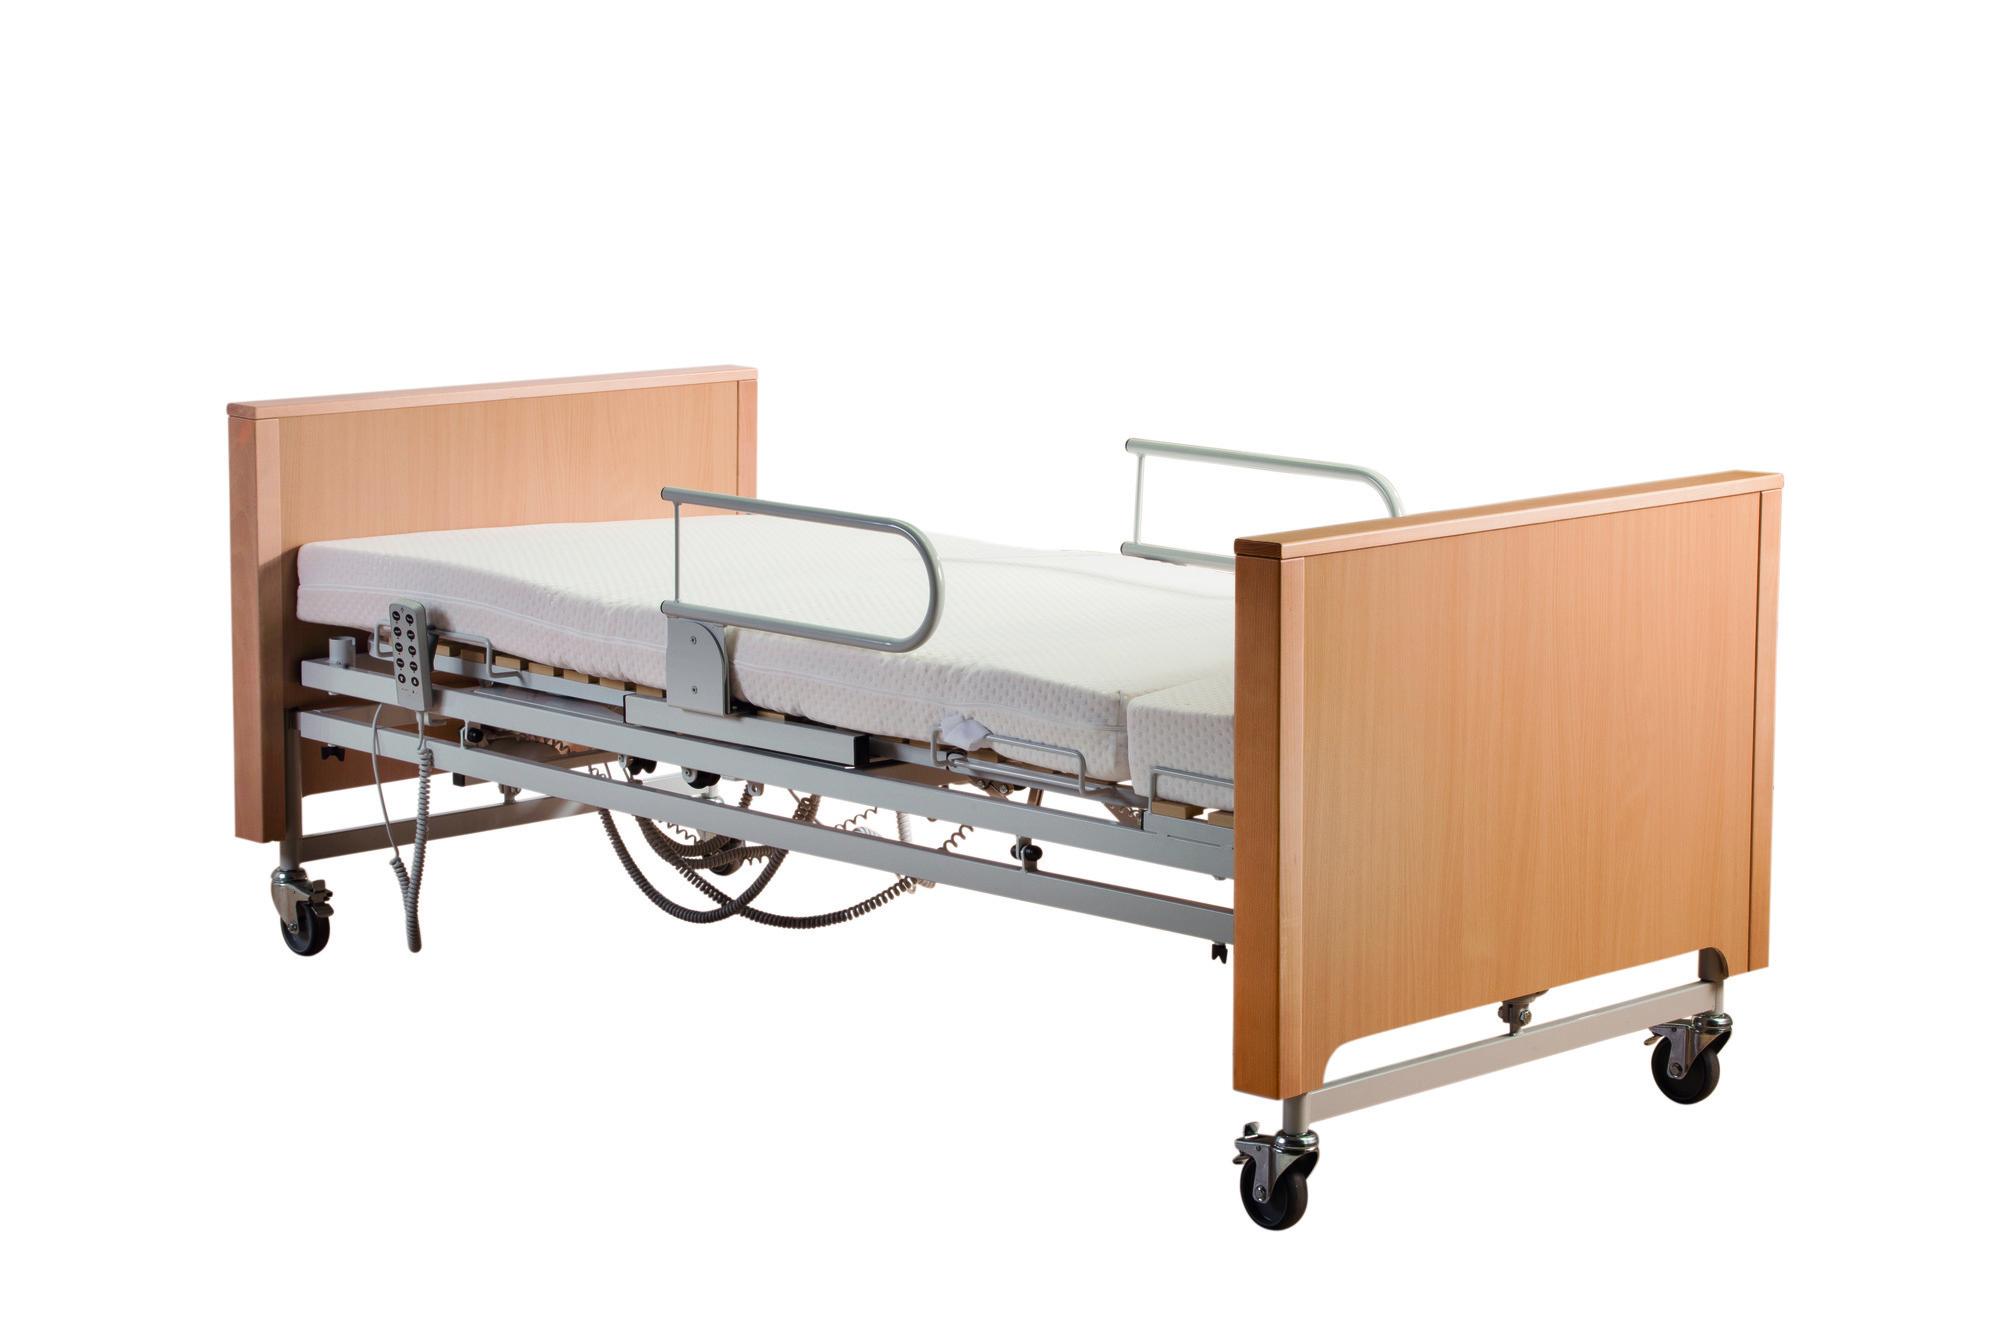 1550854163-care-produkte-pflegebett-sara_0.jpg